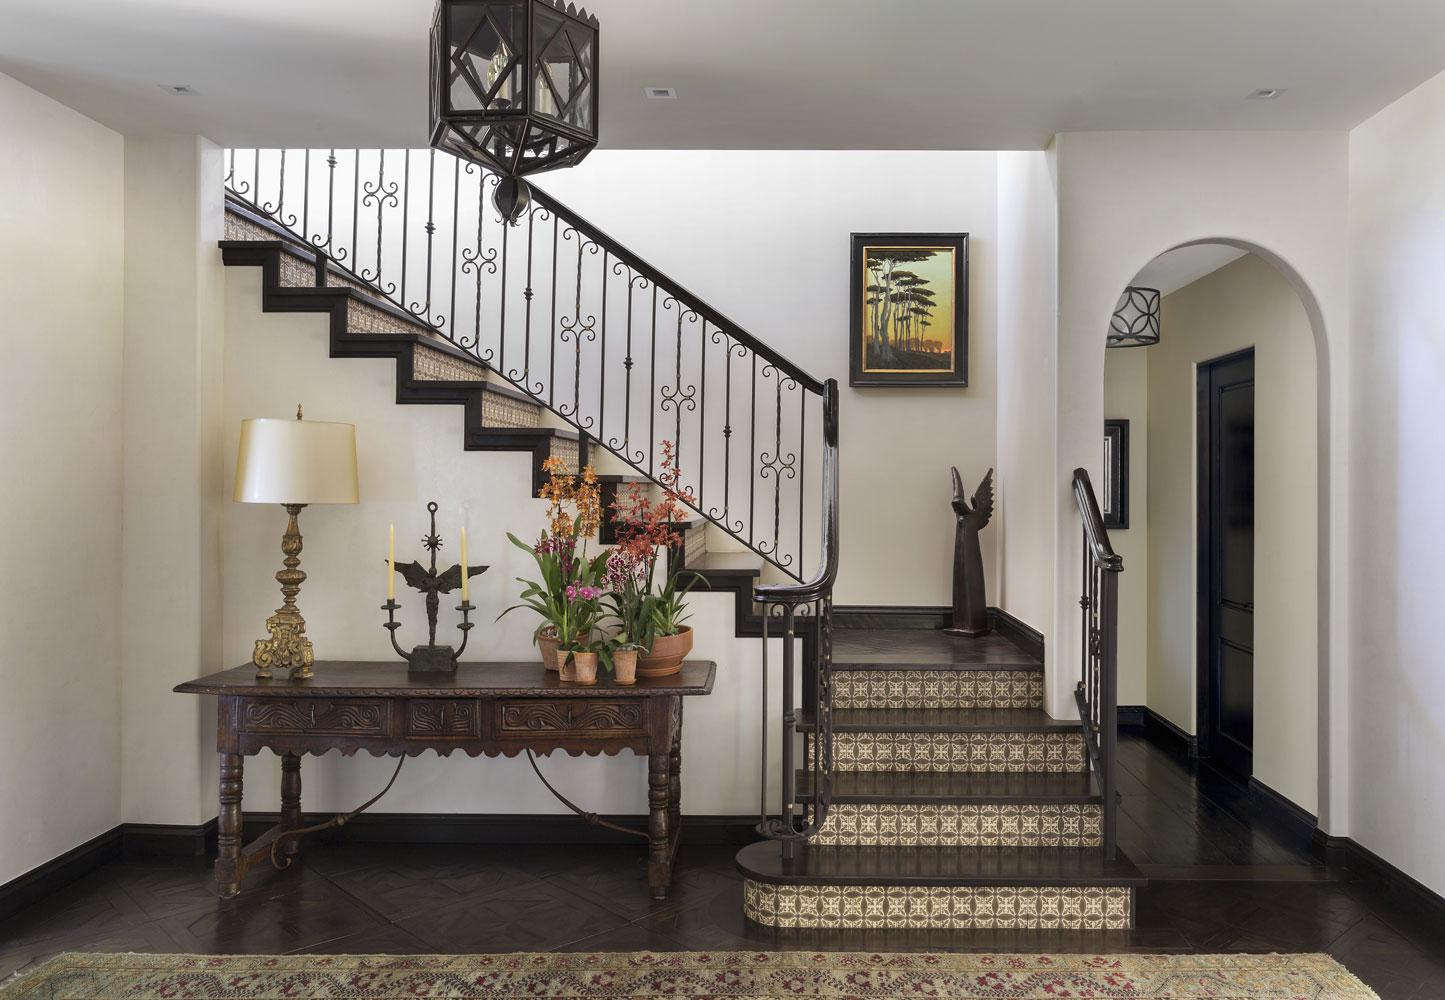 modern-spanish-stairwell-entry-tile-iron-railing-premier.jpg